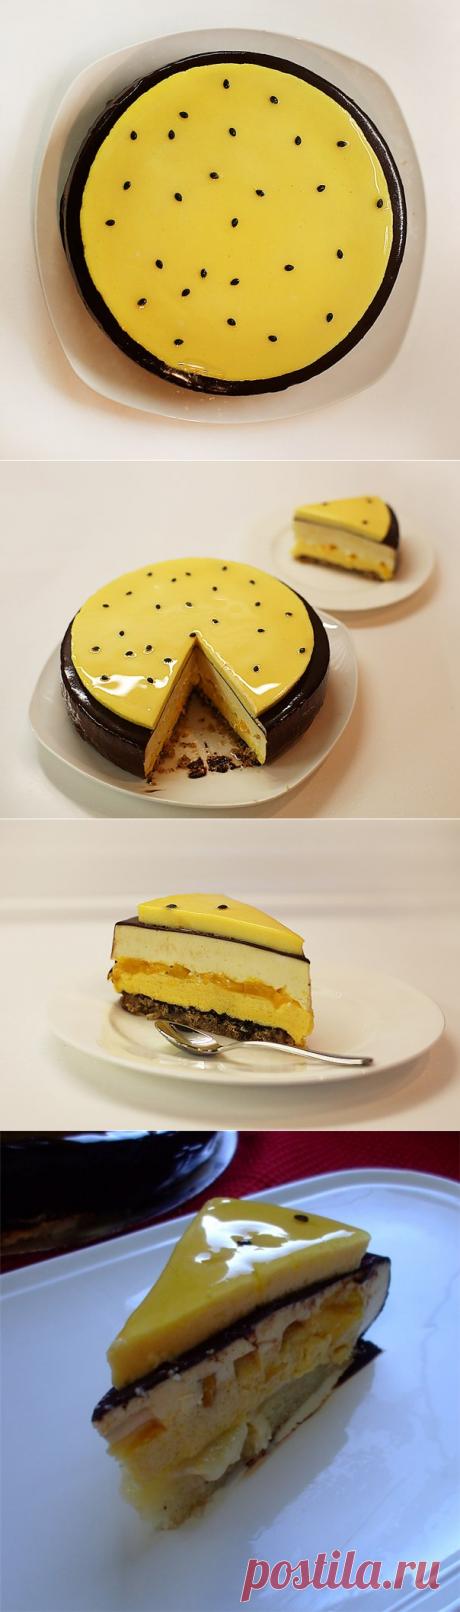 """Торт """"Colombo"""" - Торты и пирожные - Кулинарный форум Niksya"""